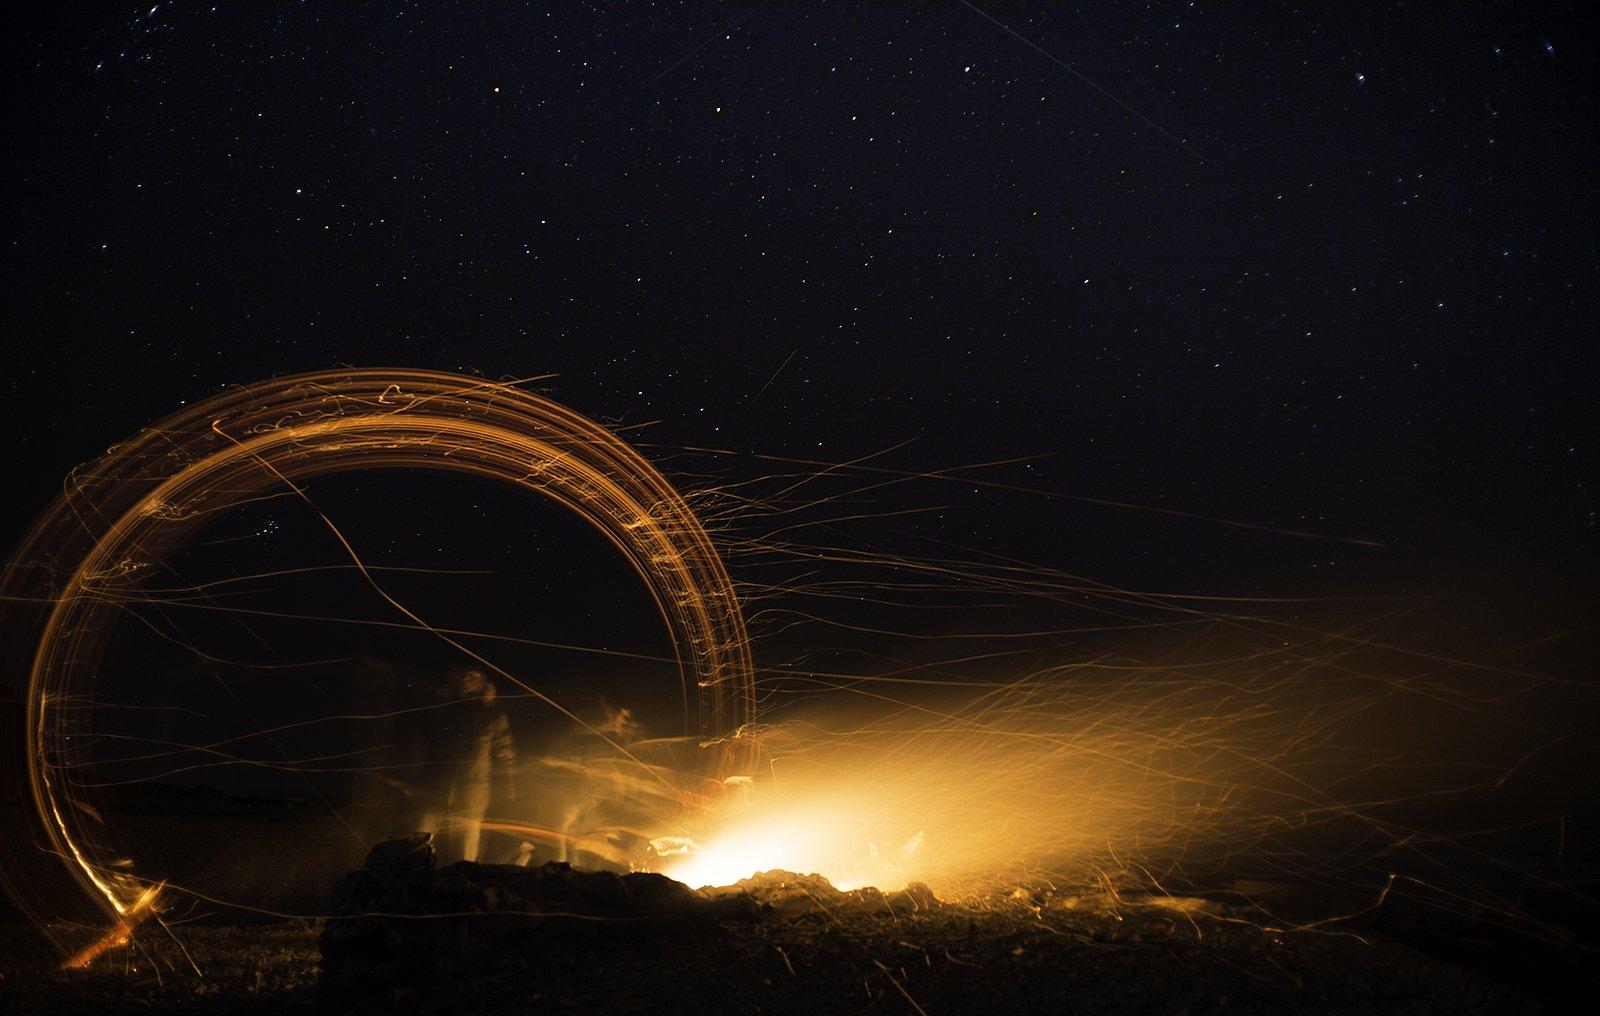 ночь, огонь, звезды, море, Евгений Труфанов